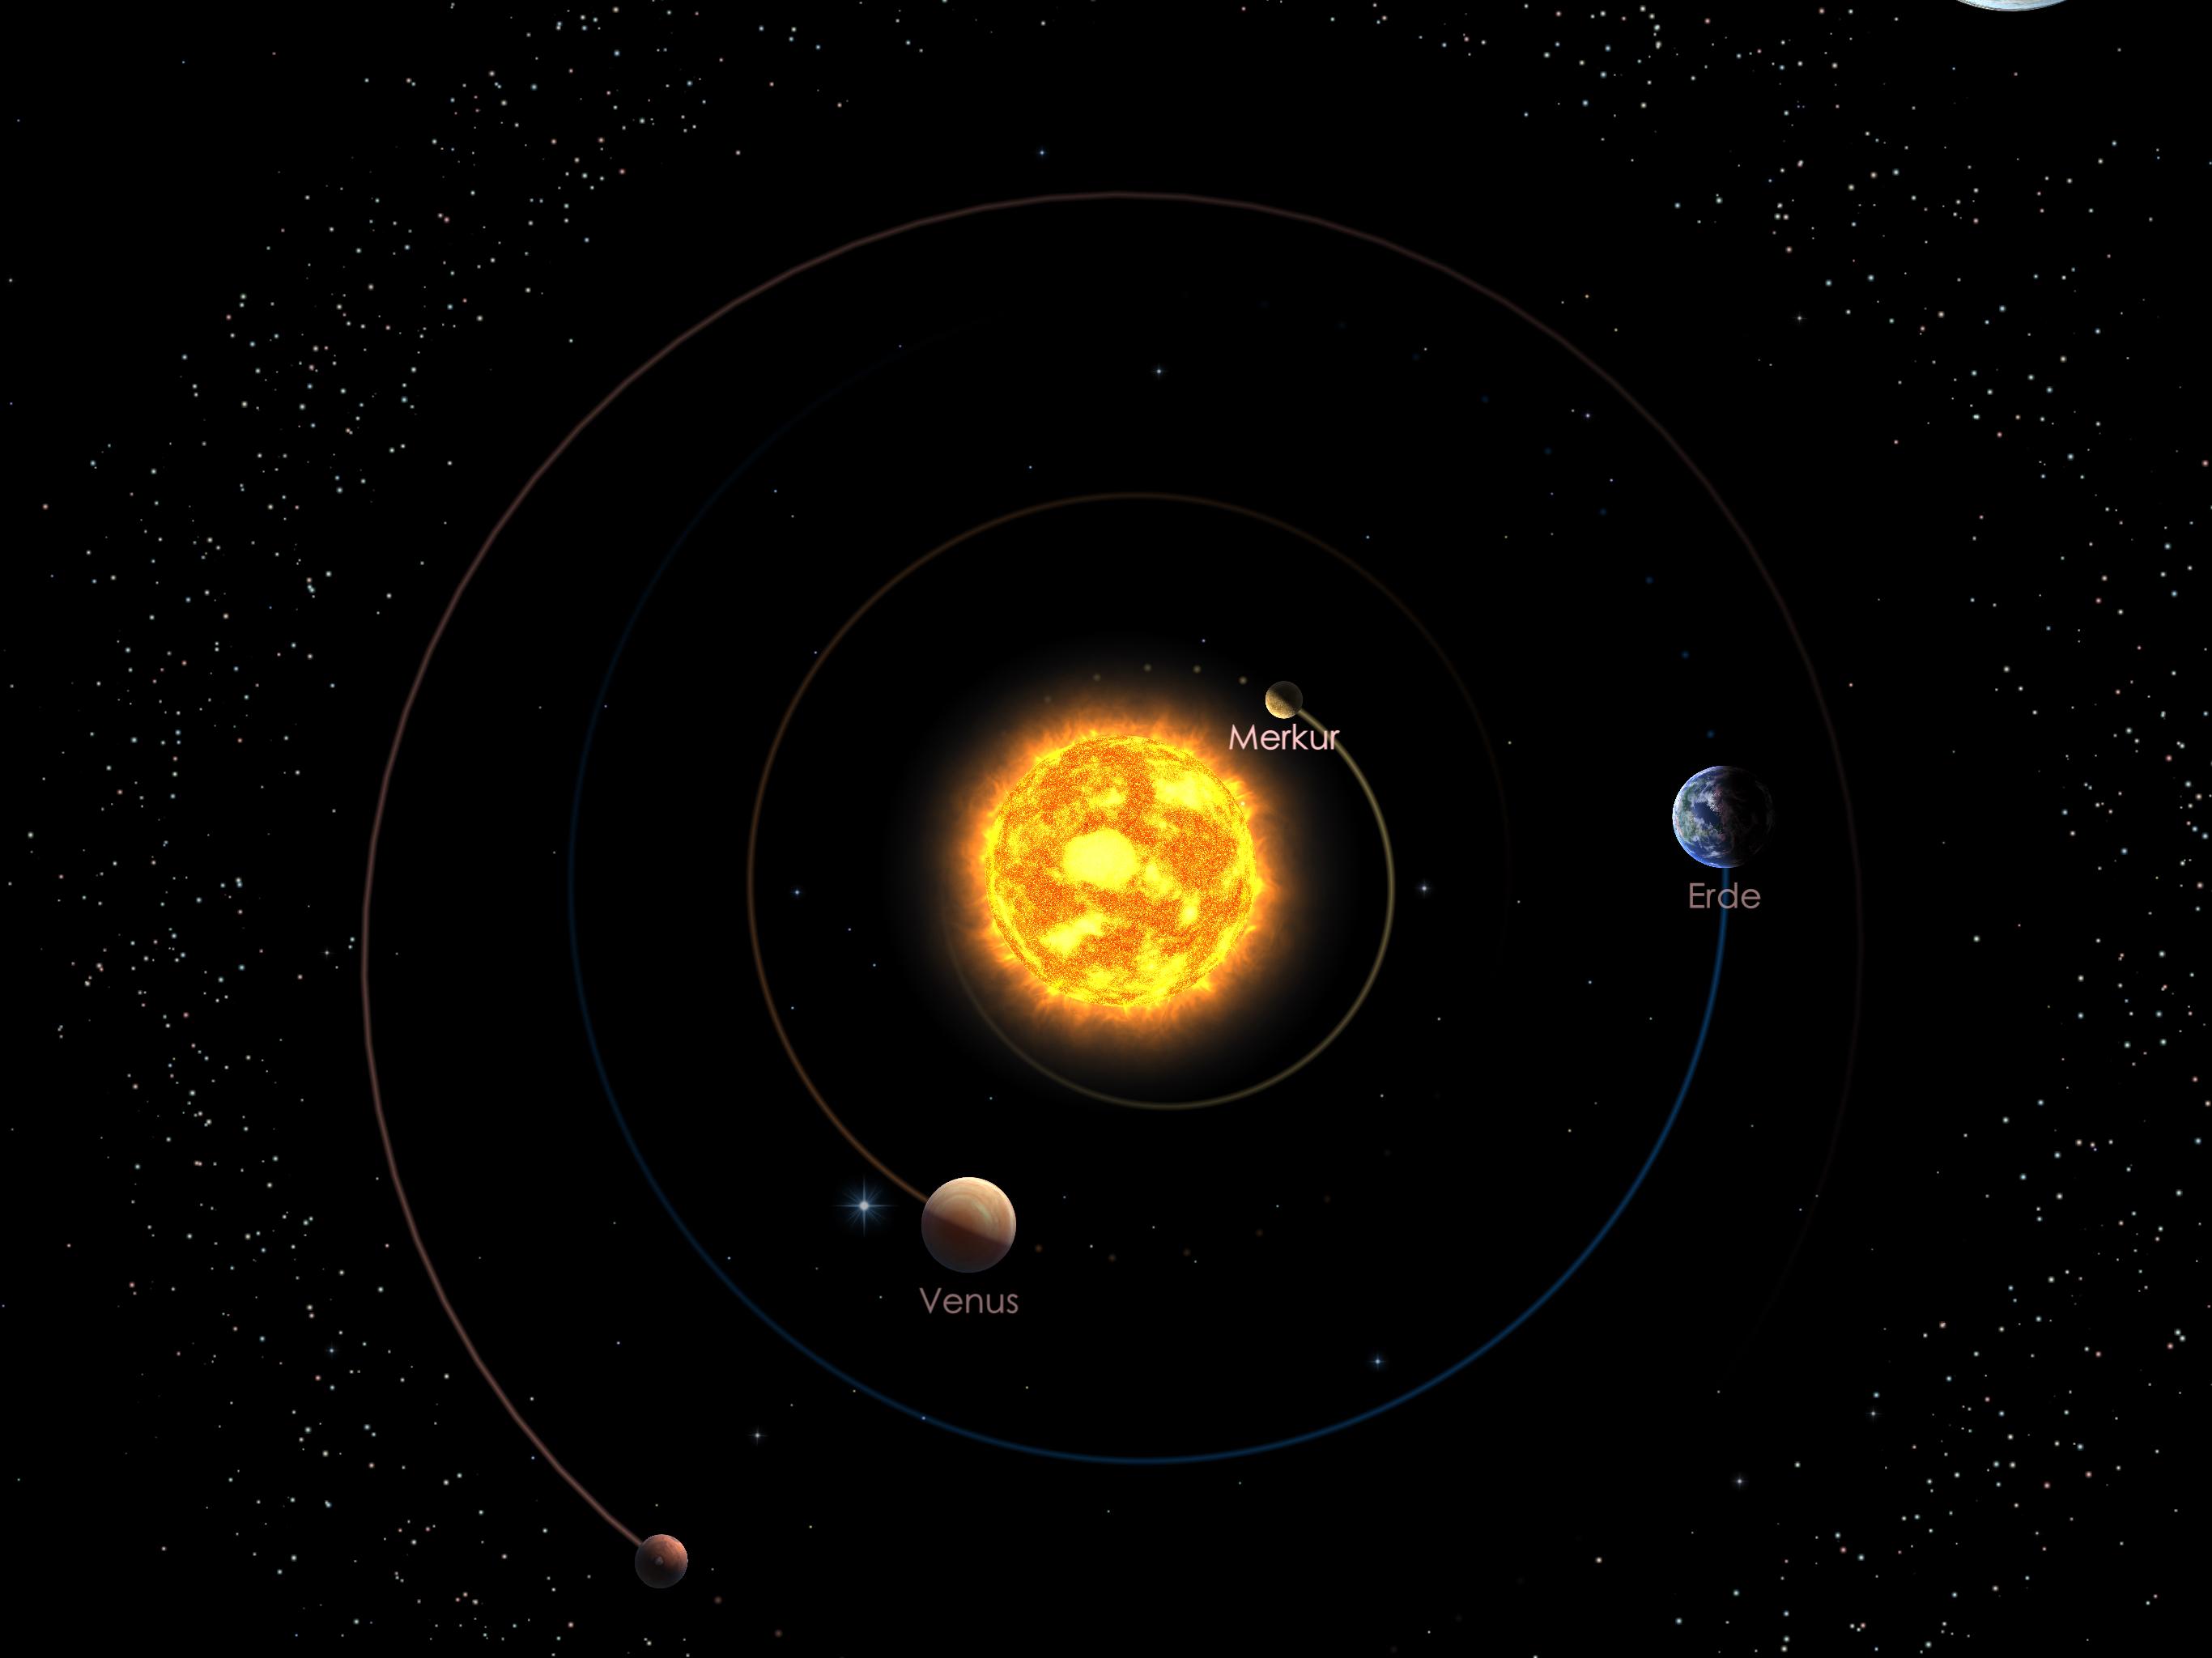 Die Positionen der inneren Planeten am 01.07.21